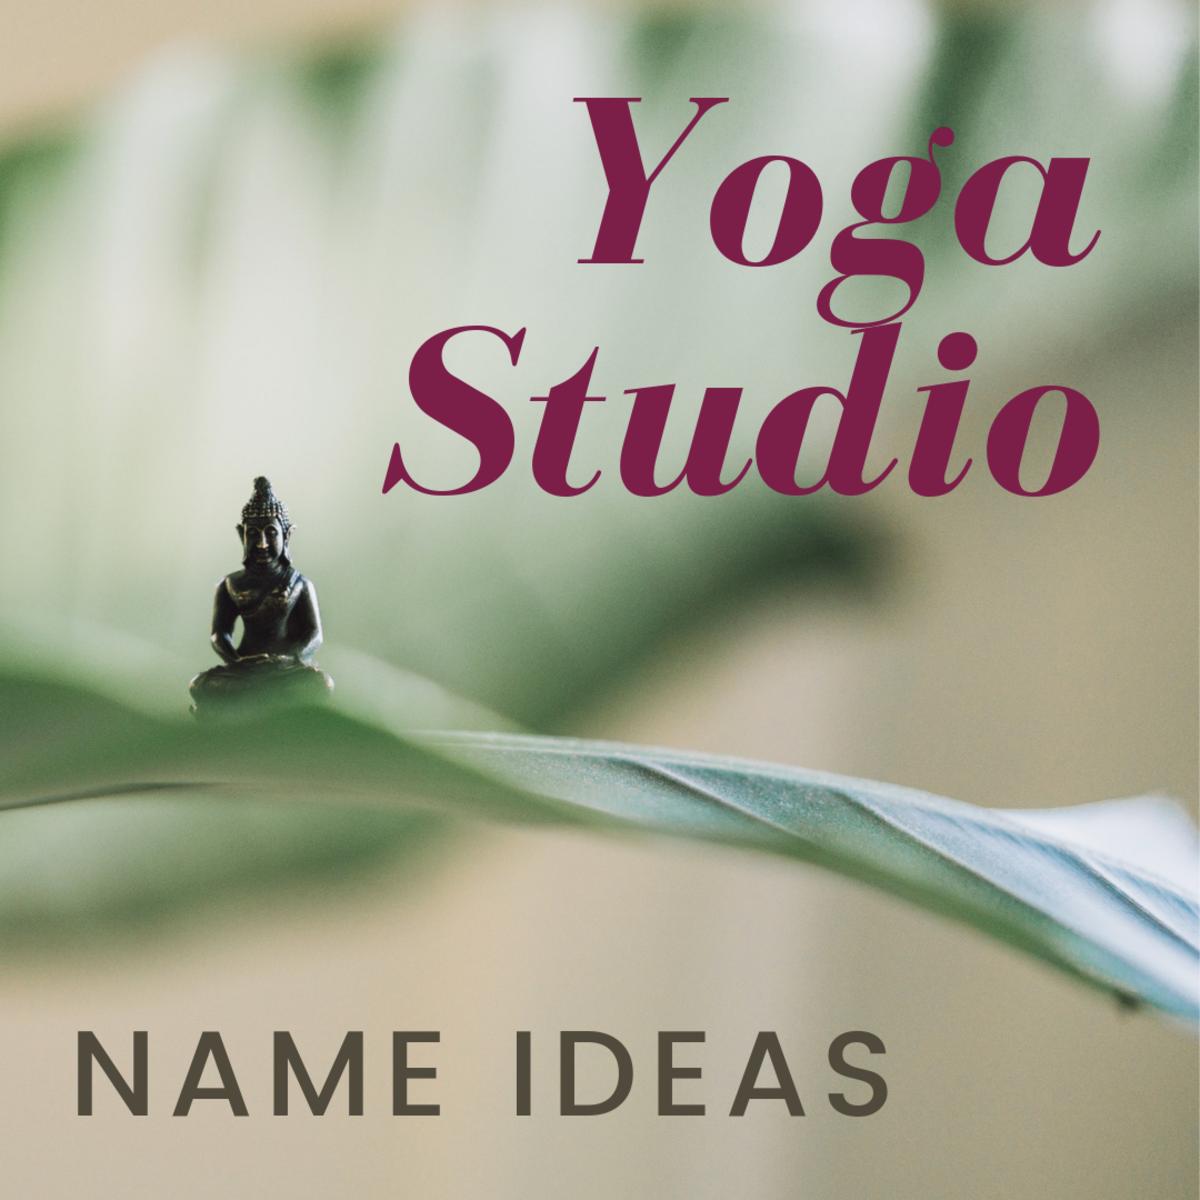 Yoga Studio Name Ideas